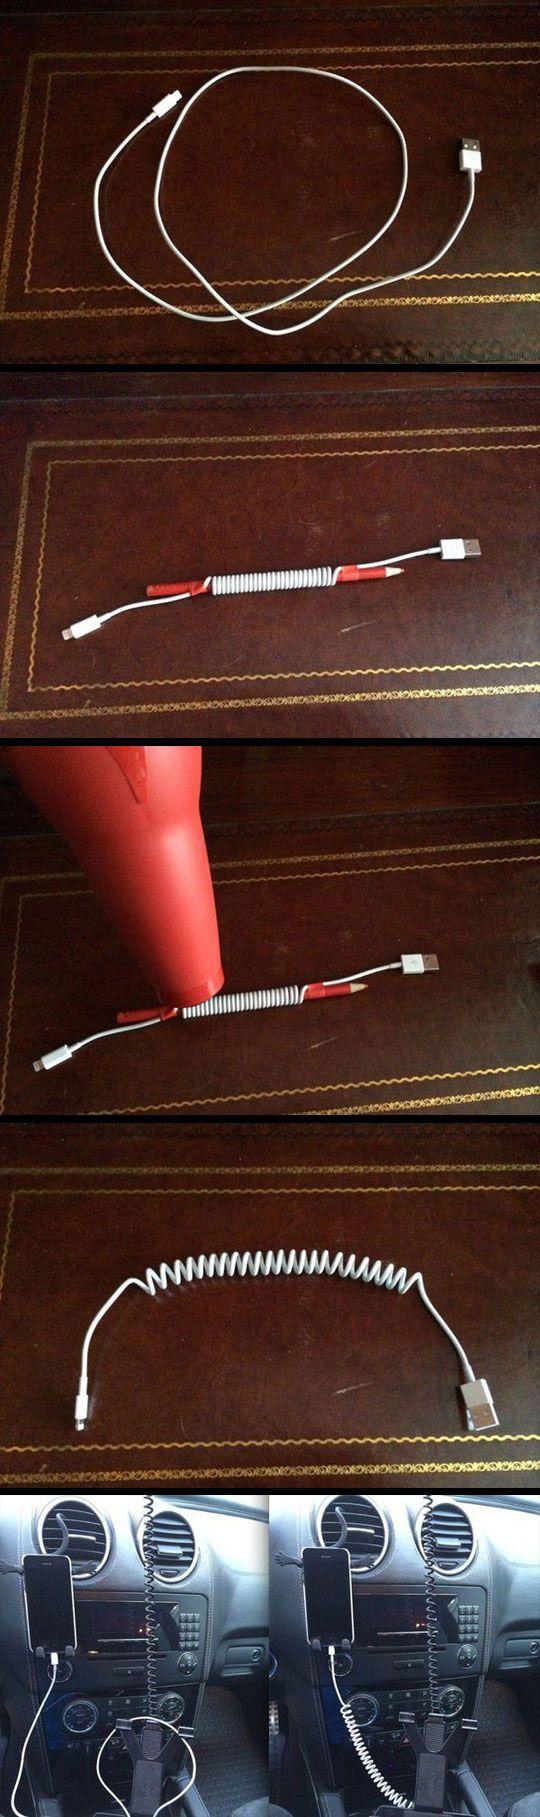 Rendre un cable iphone plus pratique (pour la voiture)